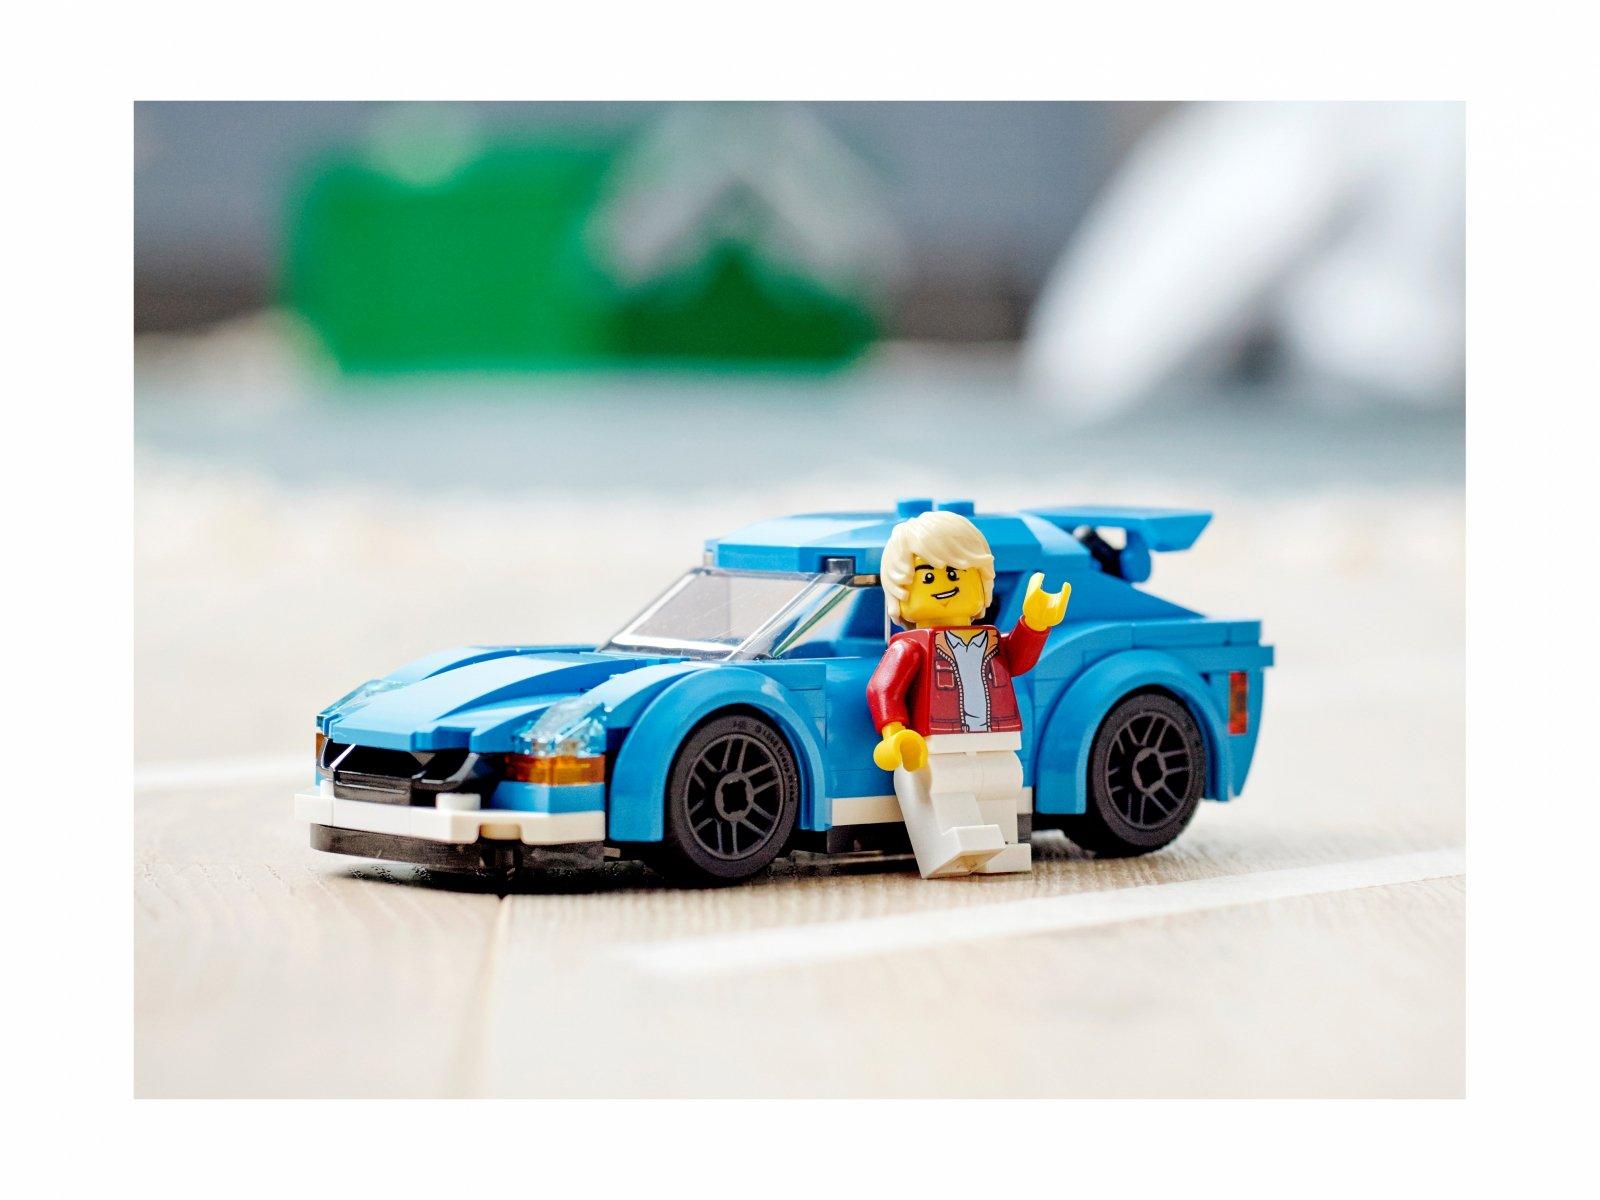 LEGO 60285 City Samochód sportowy